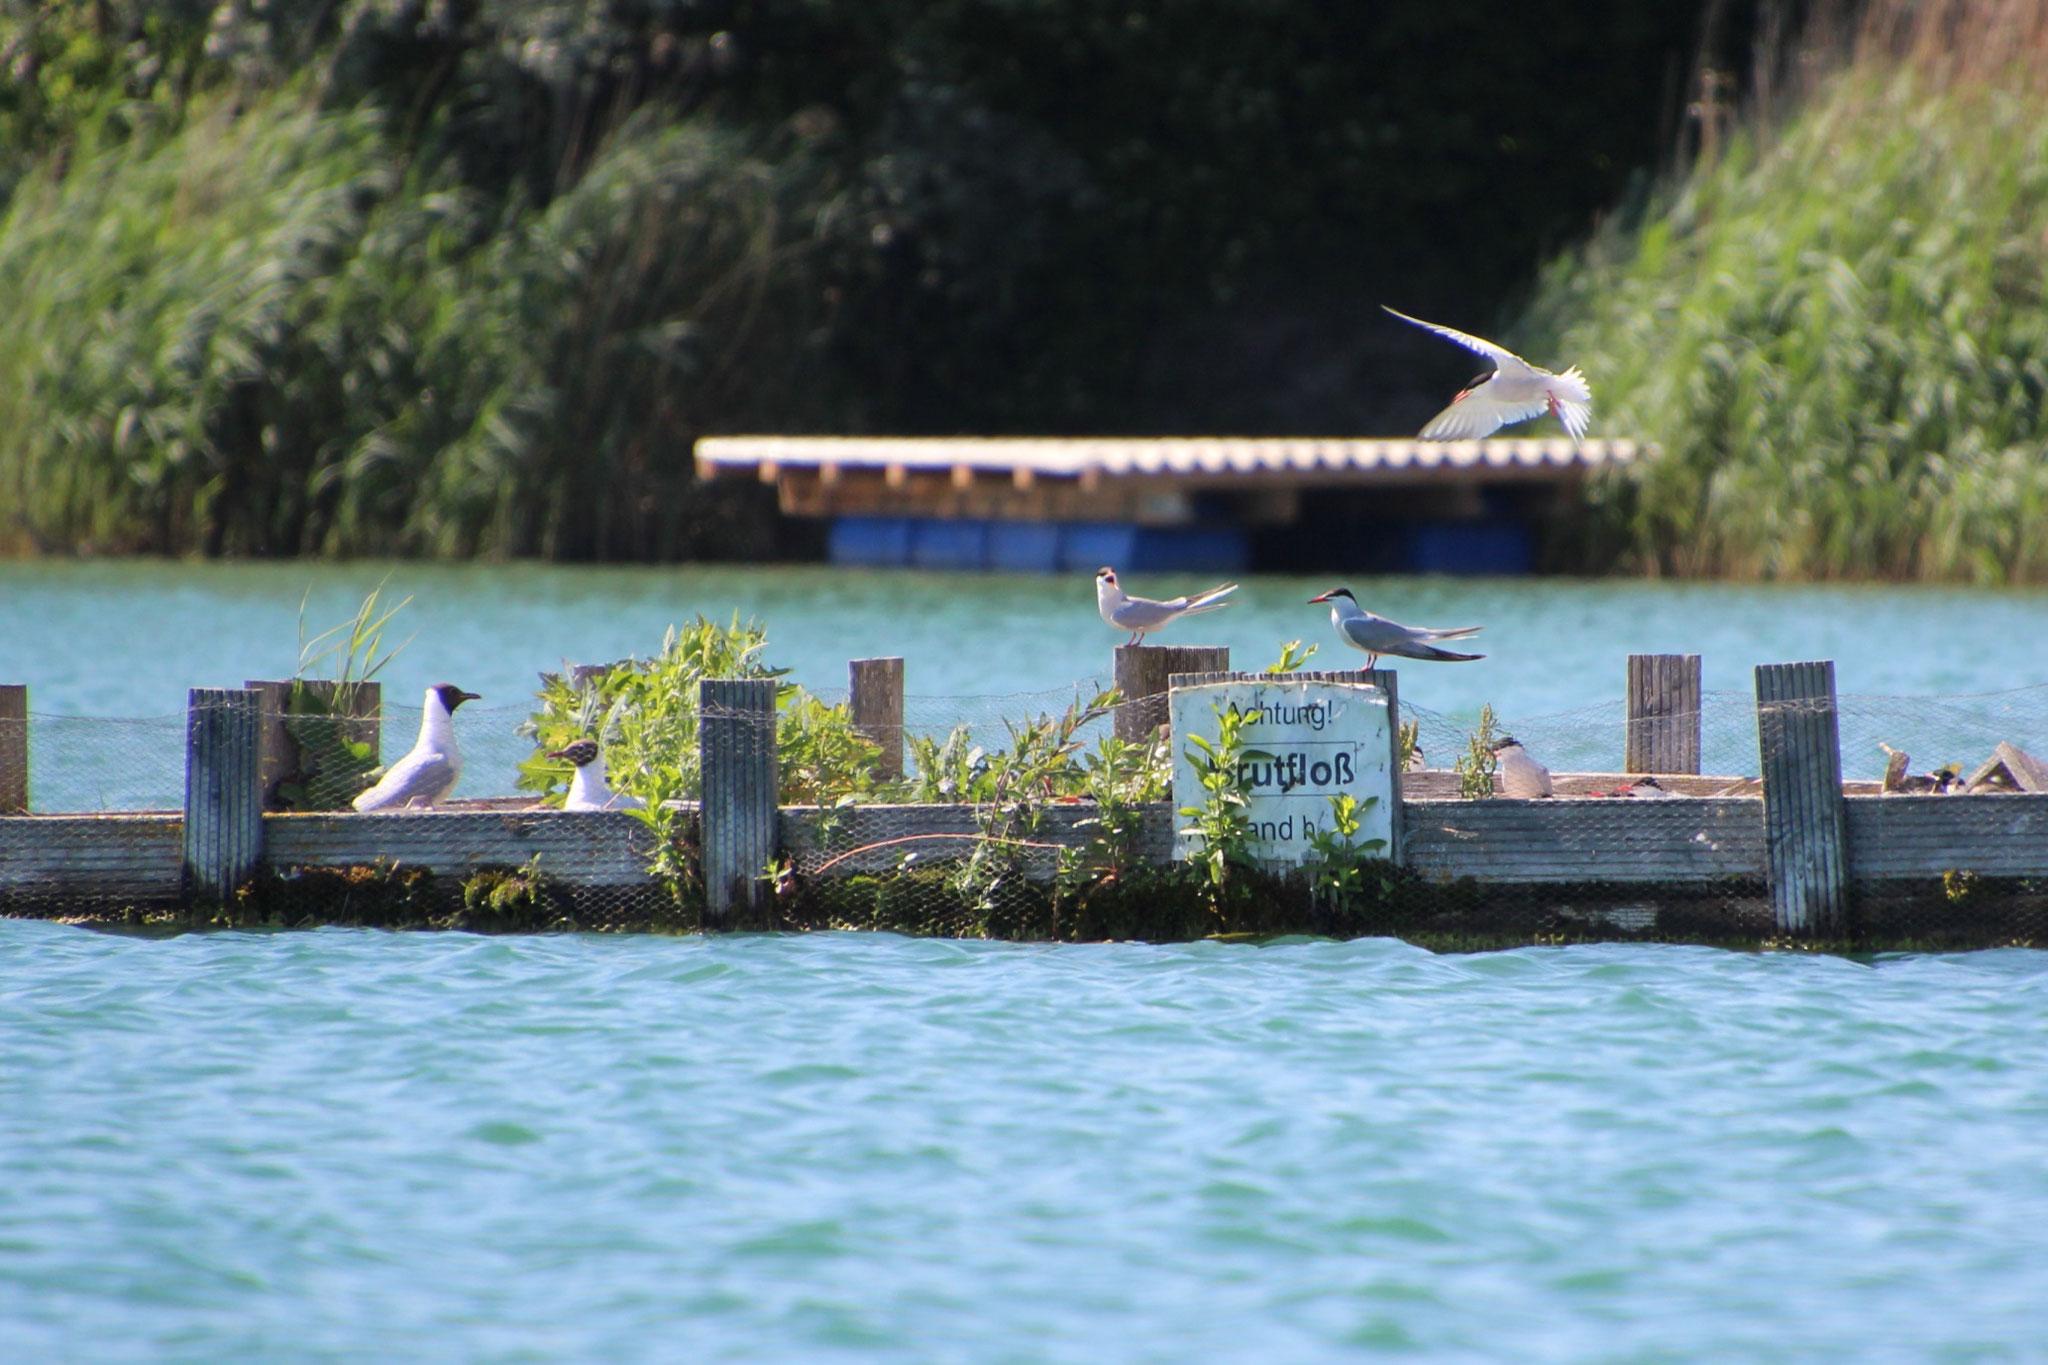 Die besorgten Altvögel kehrten sofort, nachdem wir genügend Abstand gewonnen hatten, wieder auf das Floß zurück. (© B. Mayer)